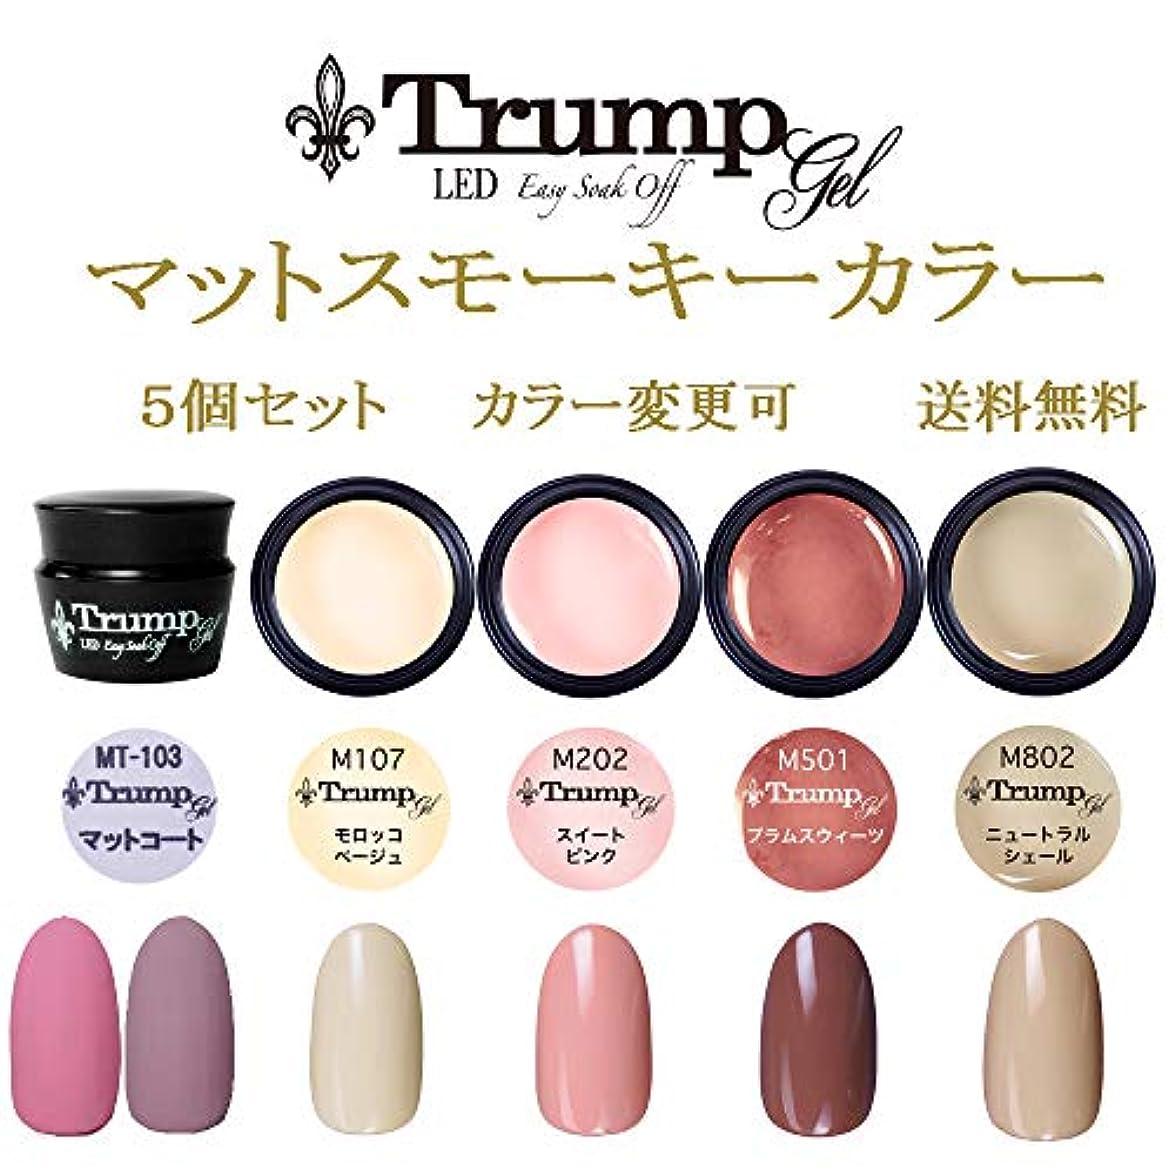 必要性あざ劇的【送料無料】日本製 Trump gel トランプジェル マットスモーキー カラージェル 5個セット 魅惑のフロストマットトップとマットに合う人気カラーをチョイス